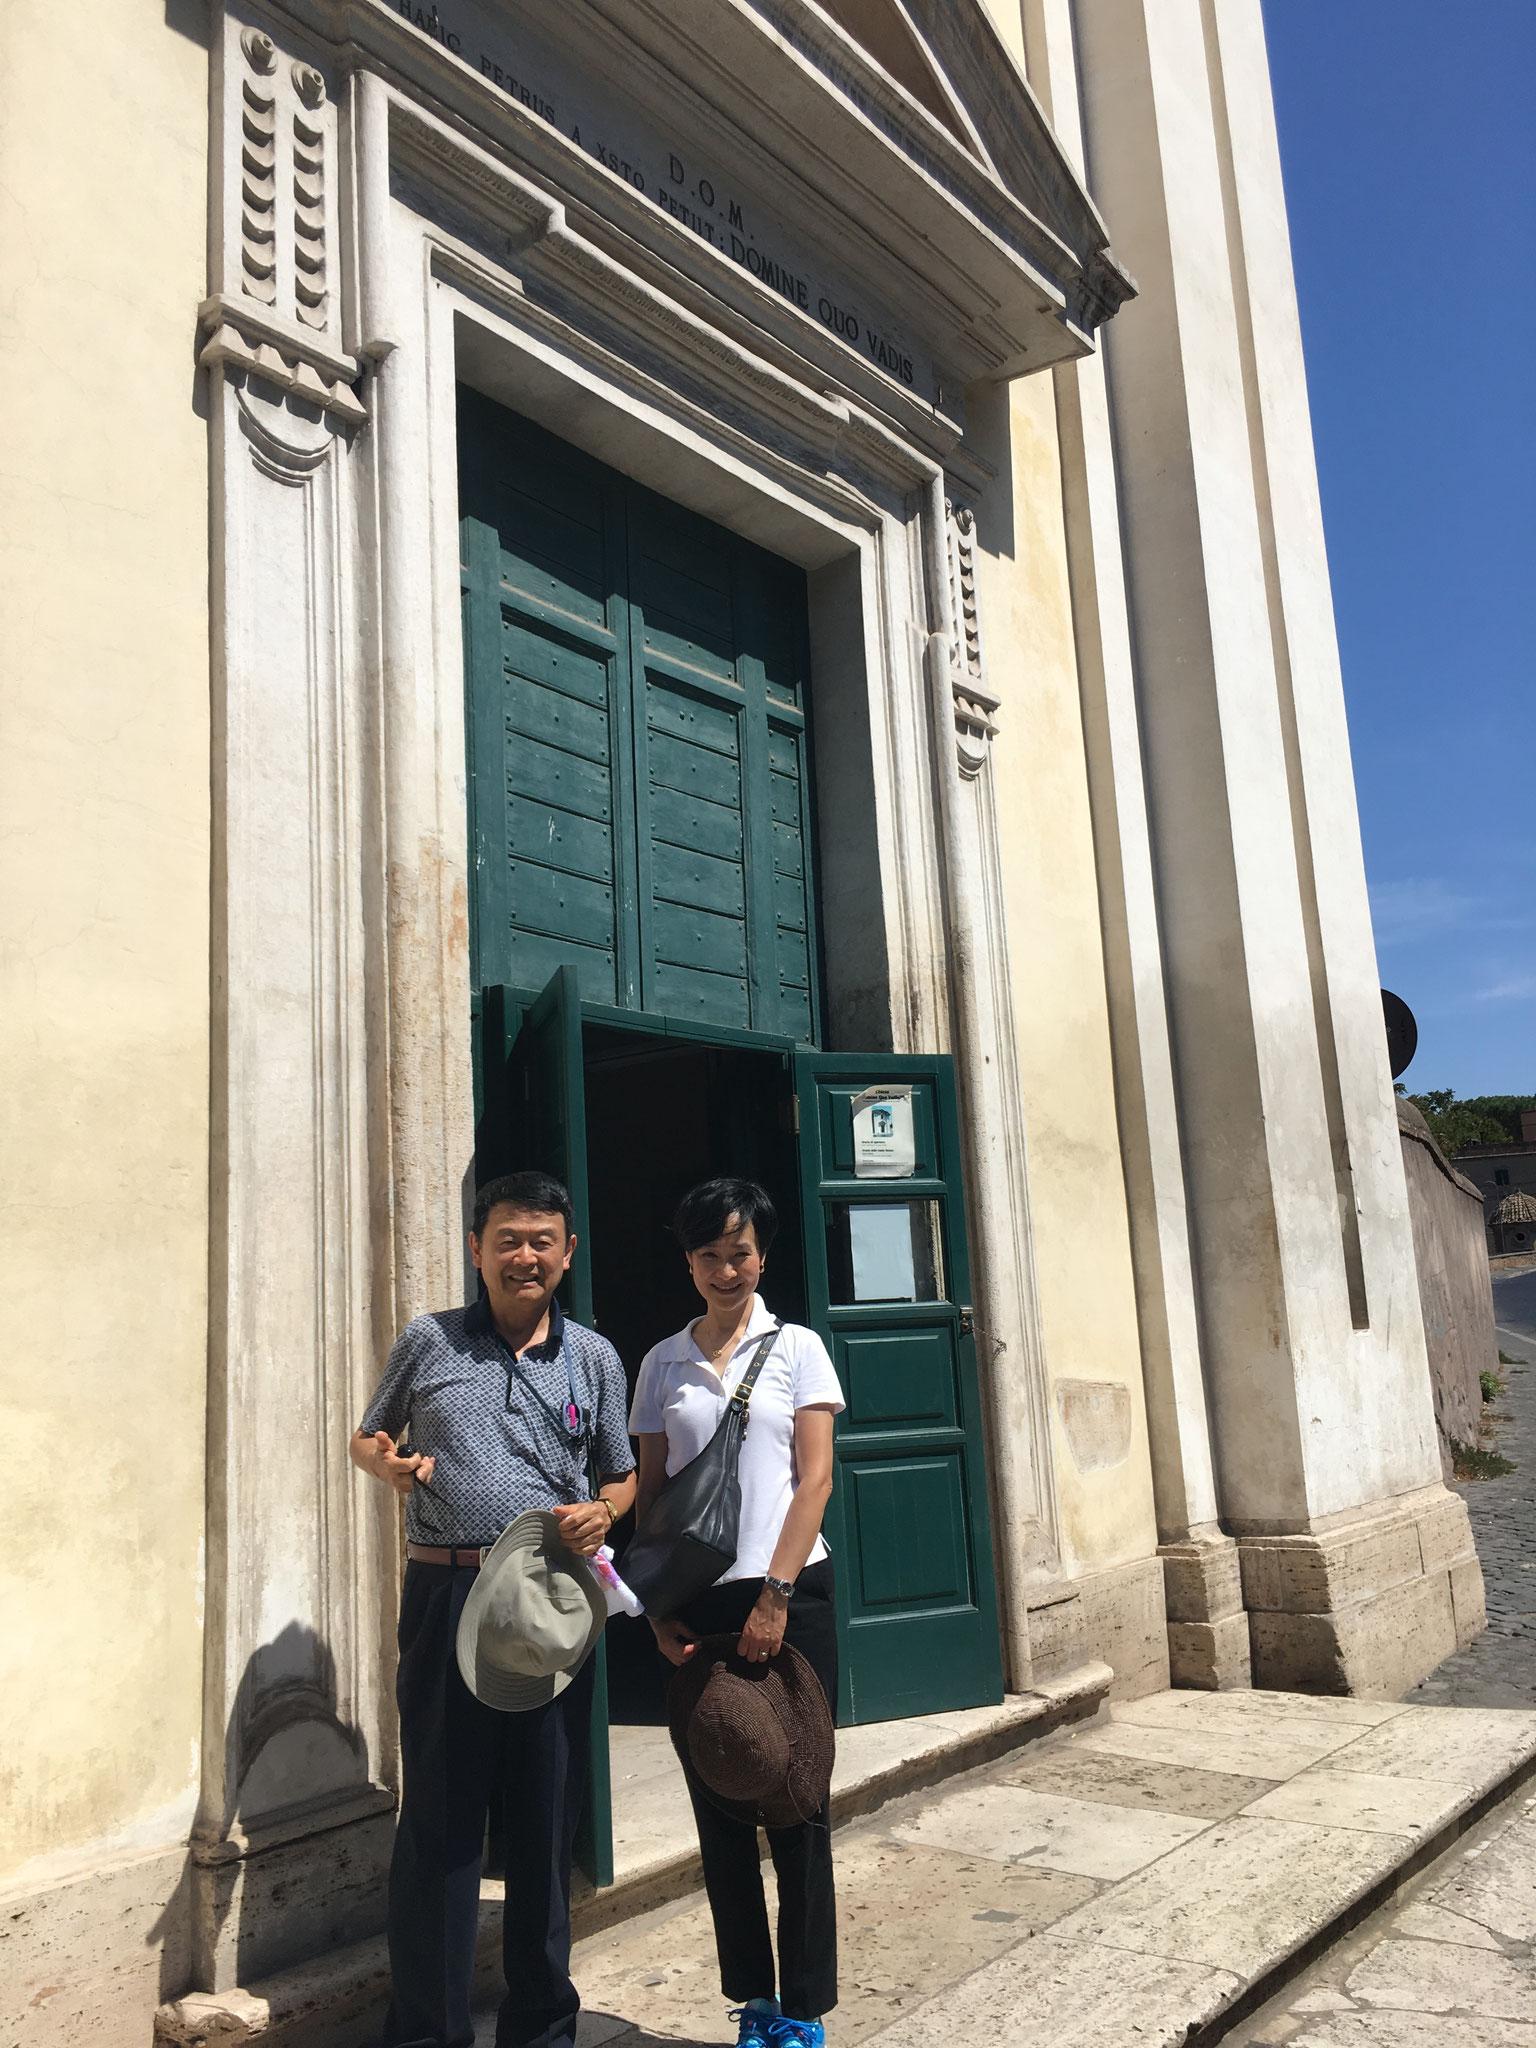 アッピア街道沿いにあるドミネ・クォ・ヴァディス教会